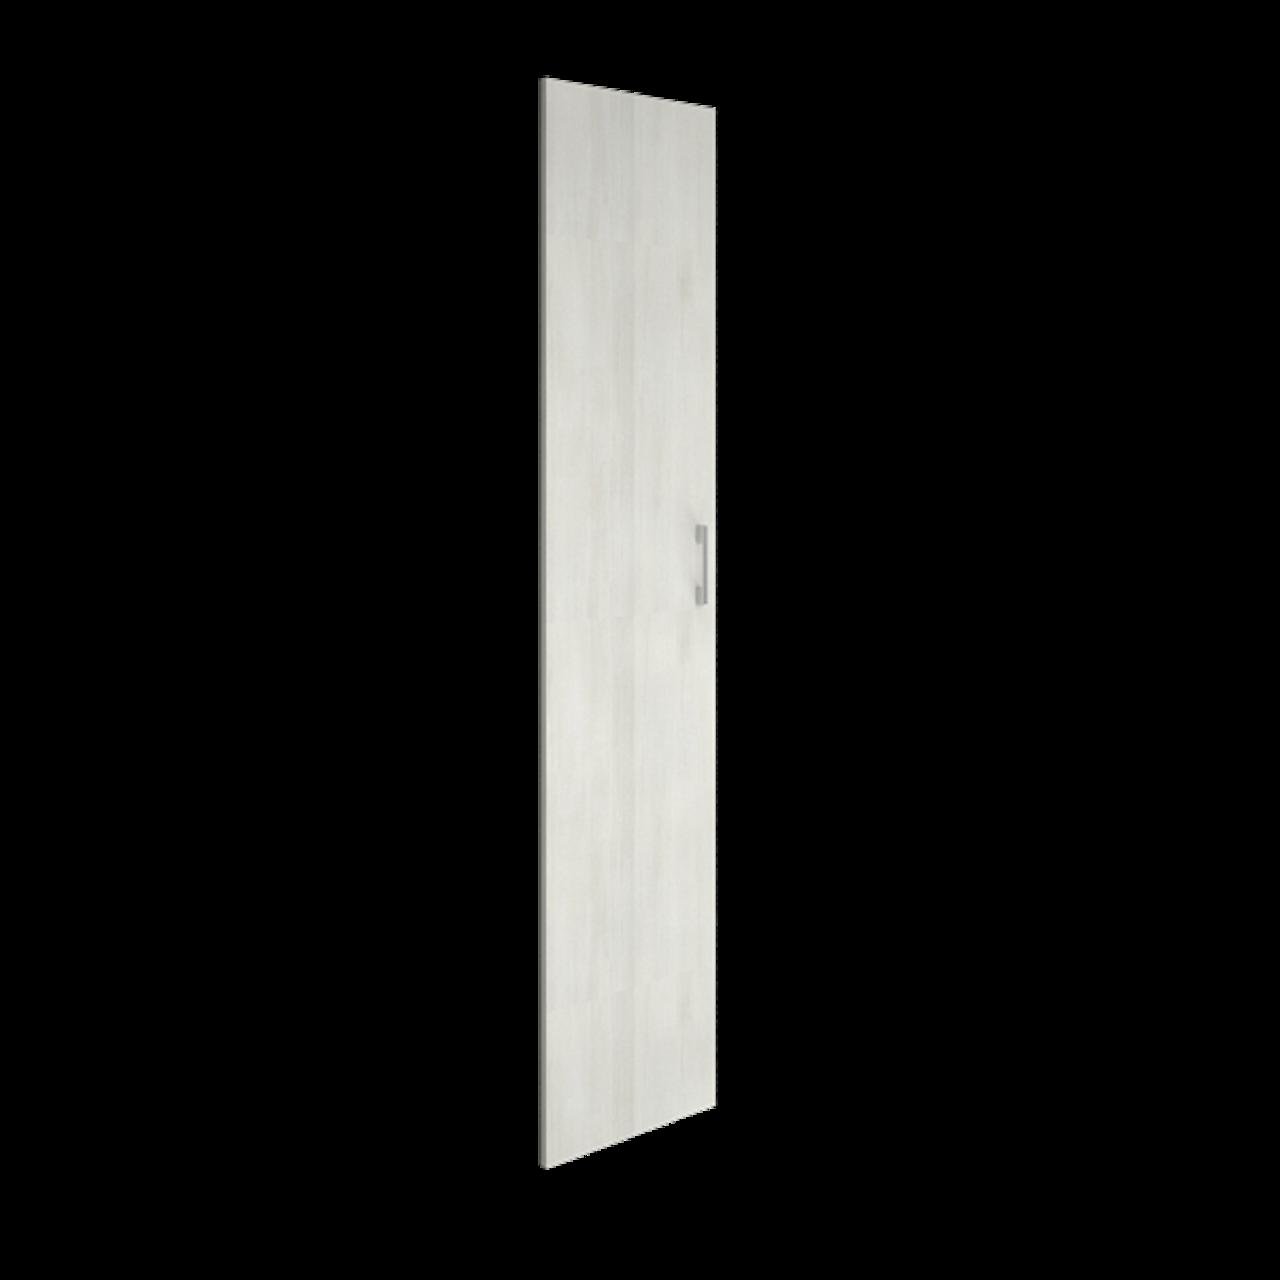 Дверь дсп высокая левая - фото 2